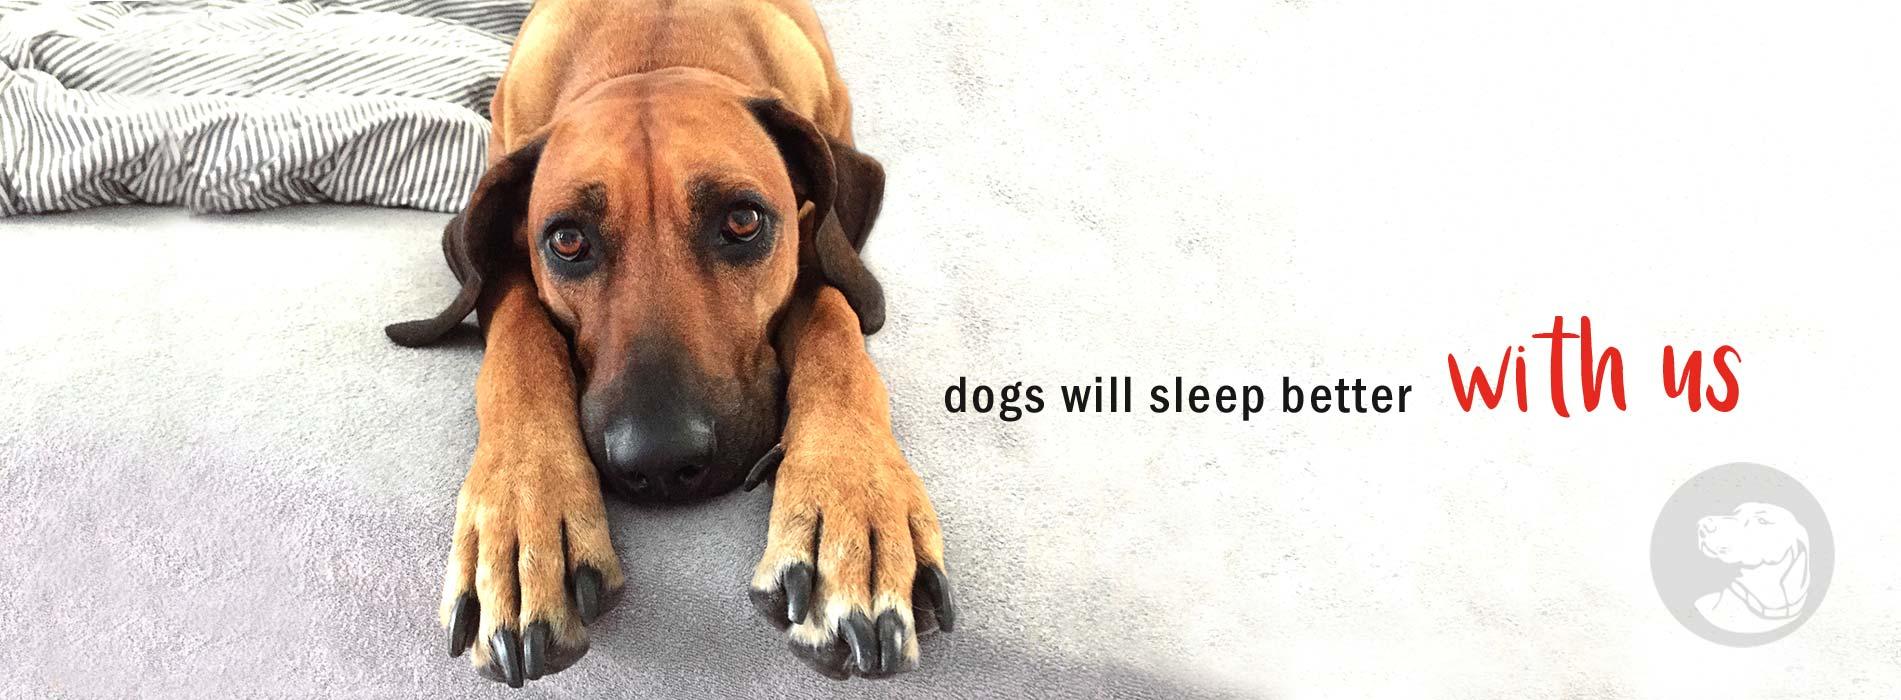 joodog Hundebetten Hersteller, Grosshandel, B2B,